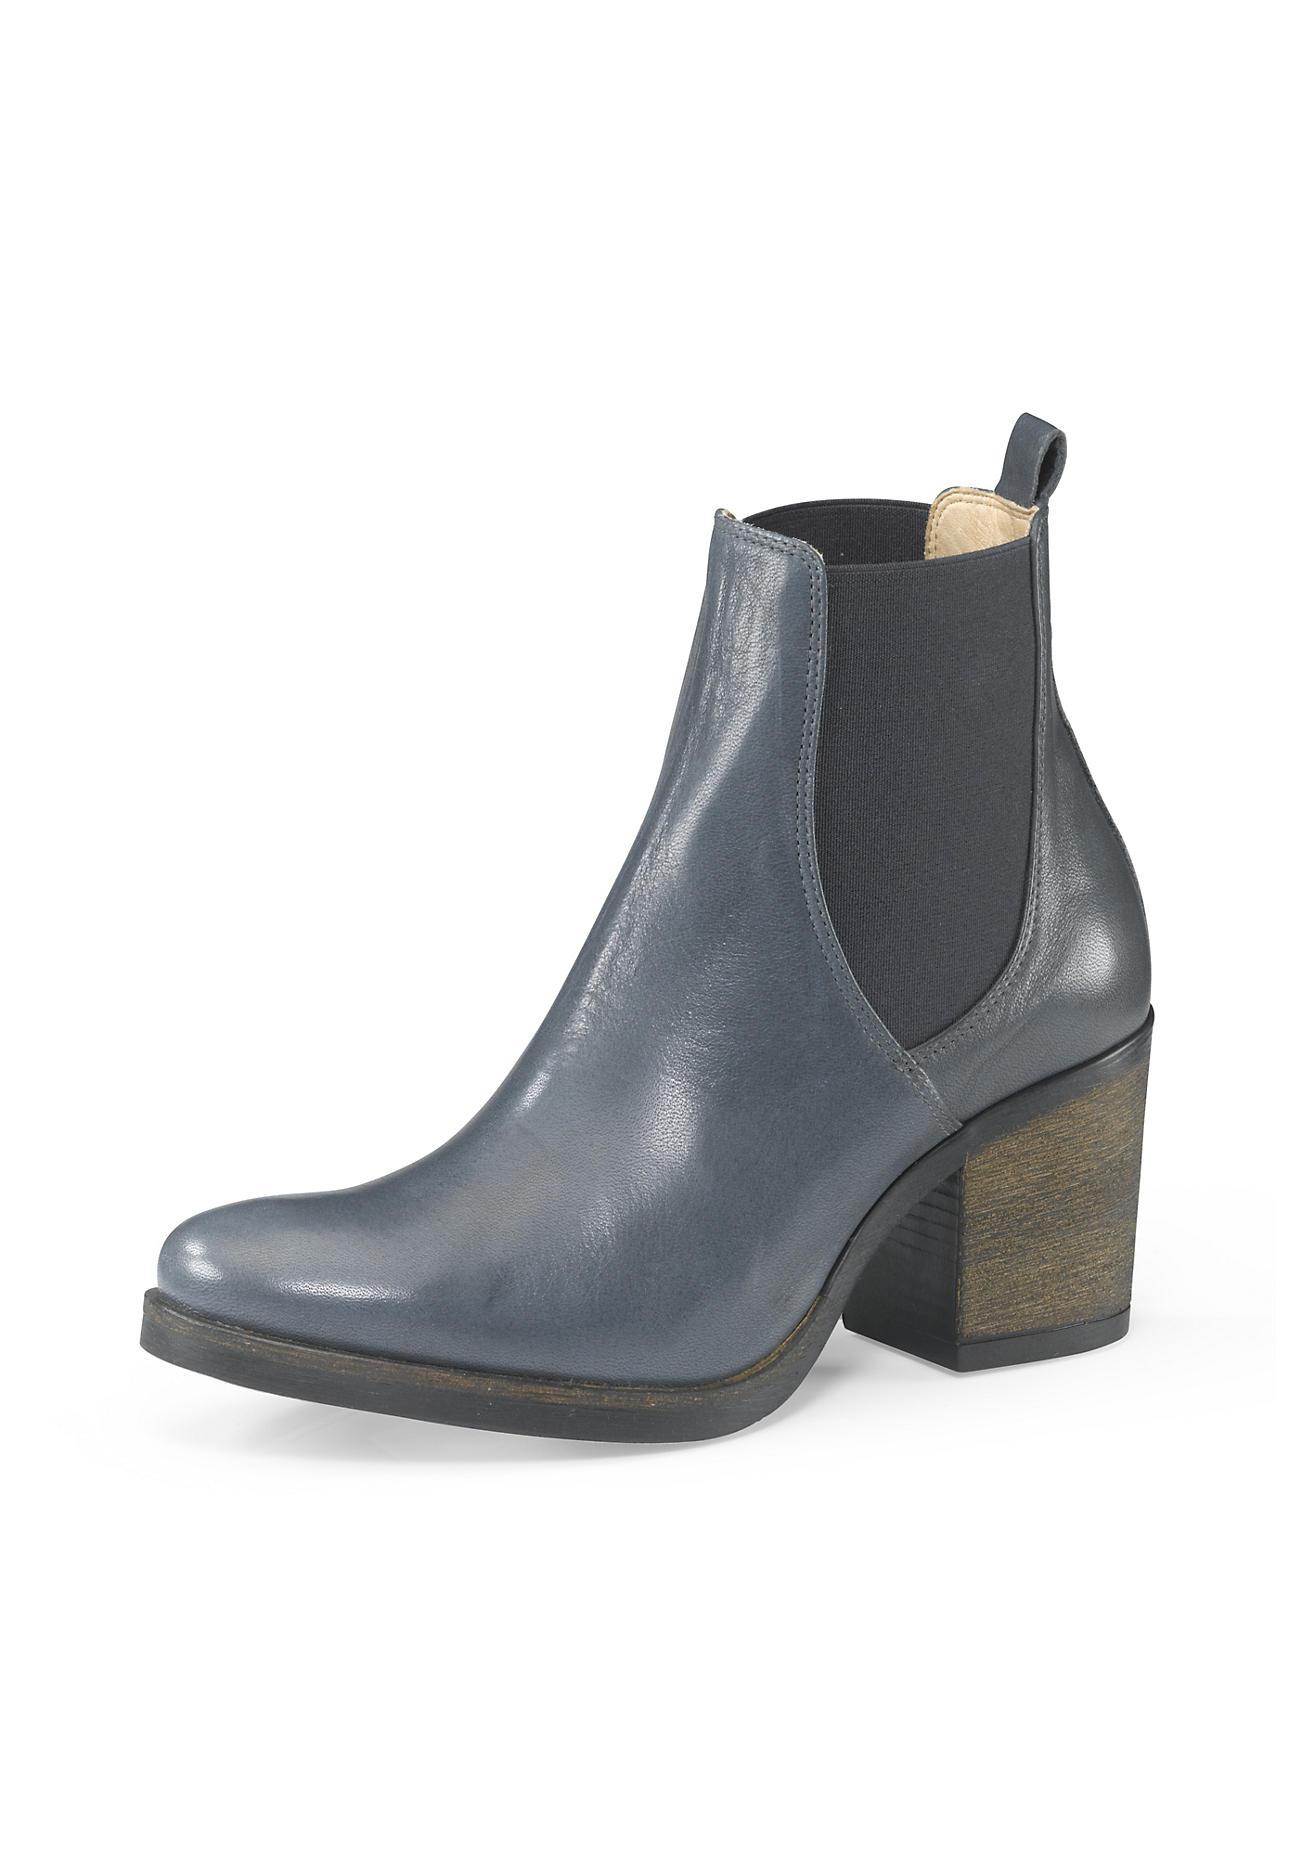 Stiefel - hessnatur Damen Damen Chelsea Boots aus Leder – grau –  - Onlineshop Hessnatur